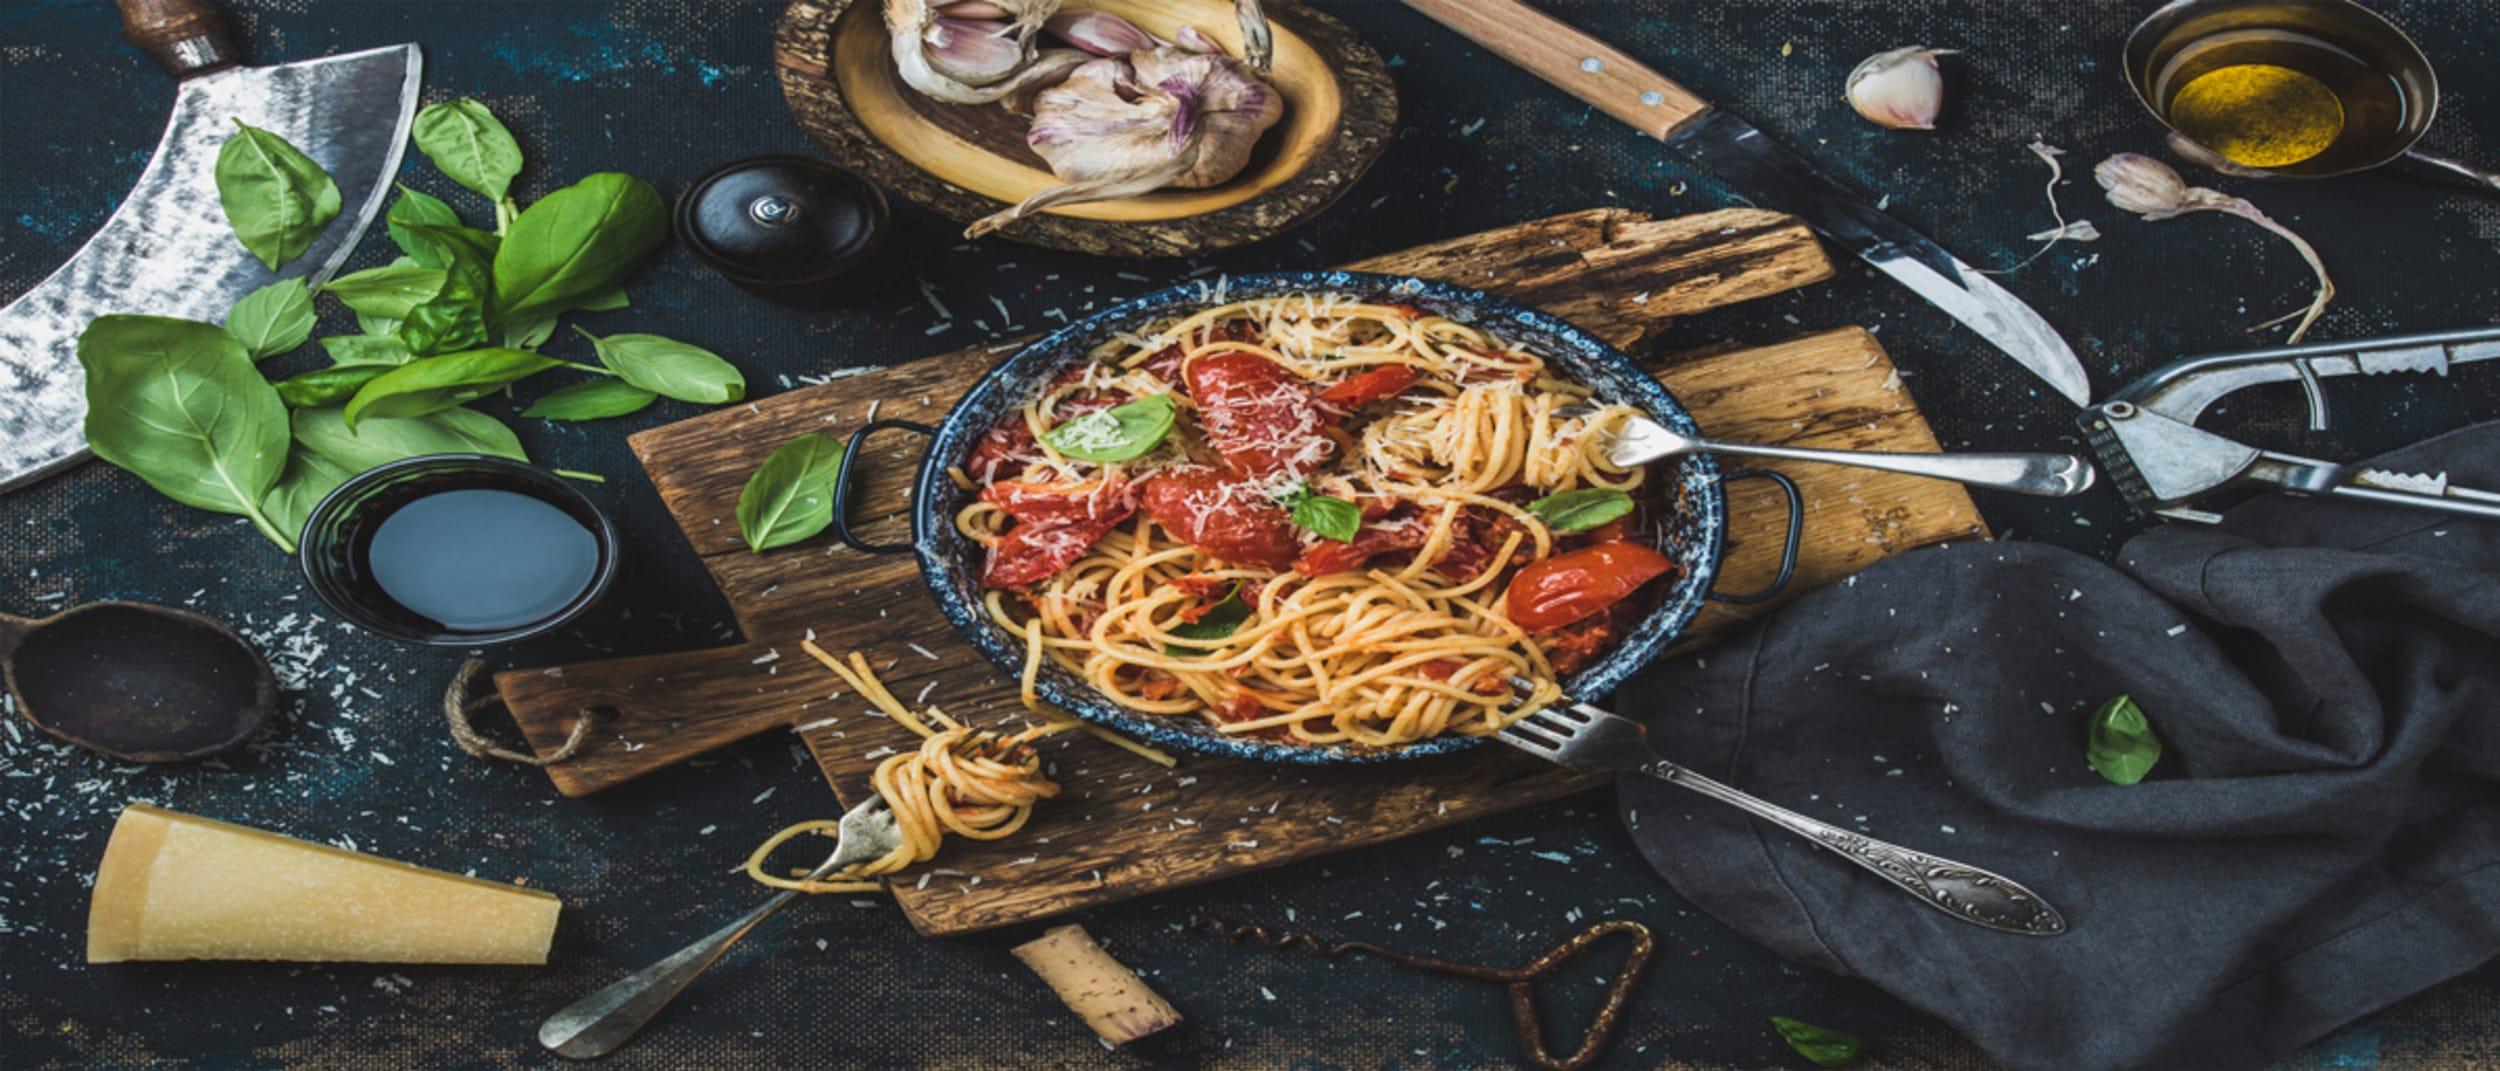 Pasta lovers unite